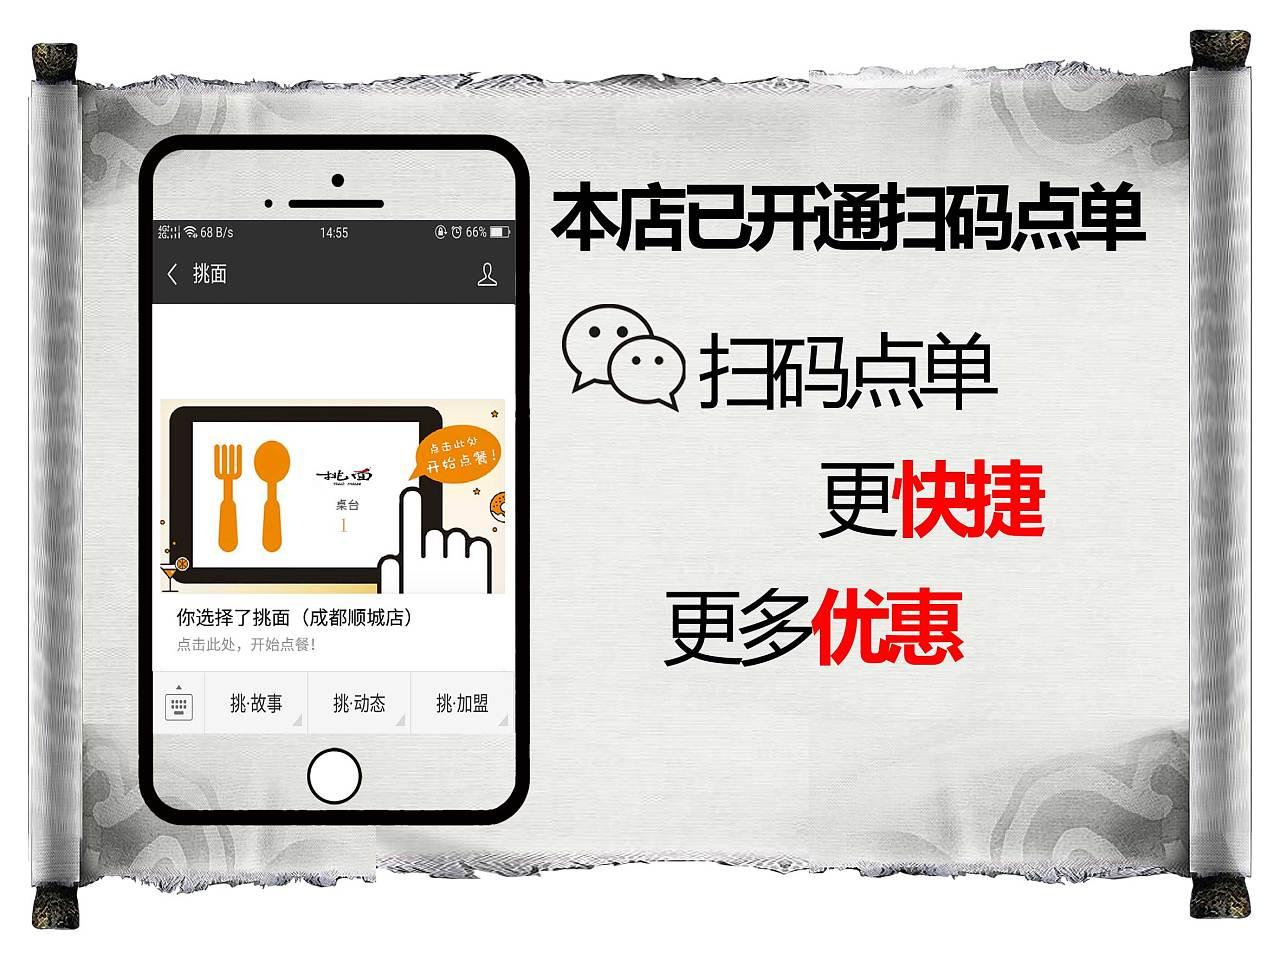 香蕉推广二维码入口 免费发群二维码的网站